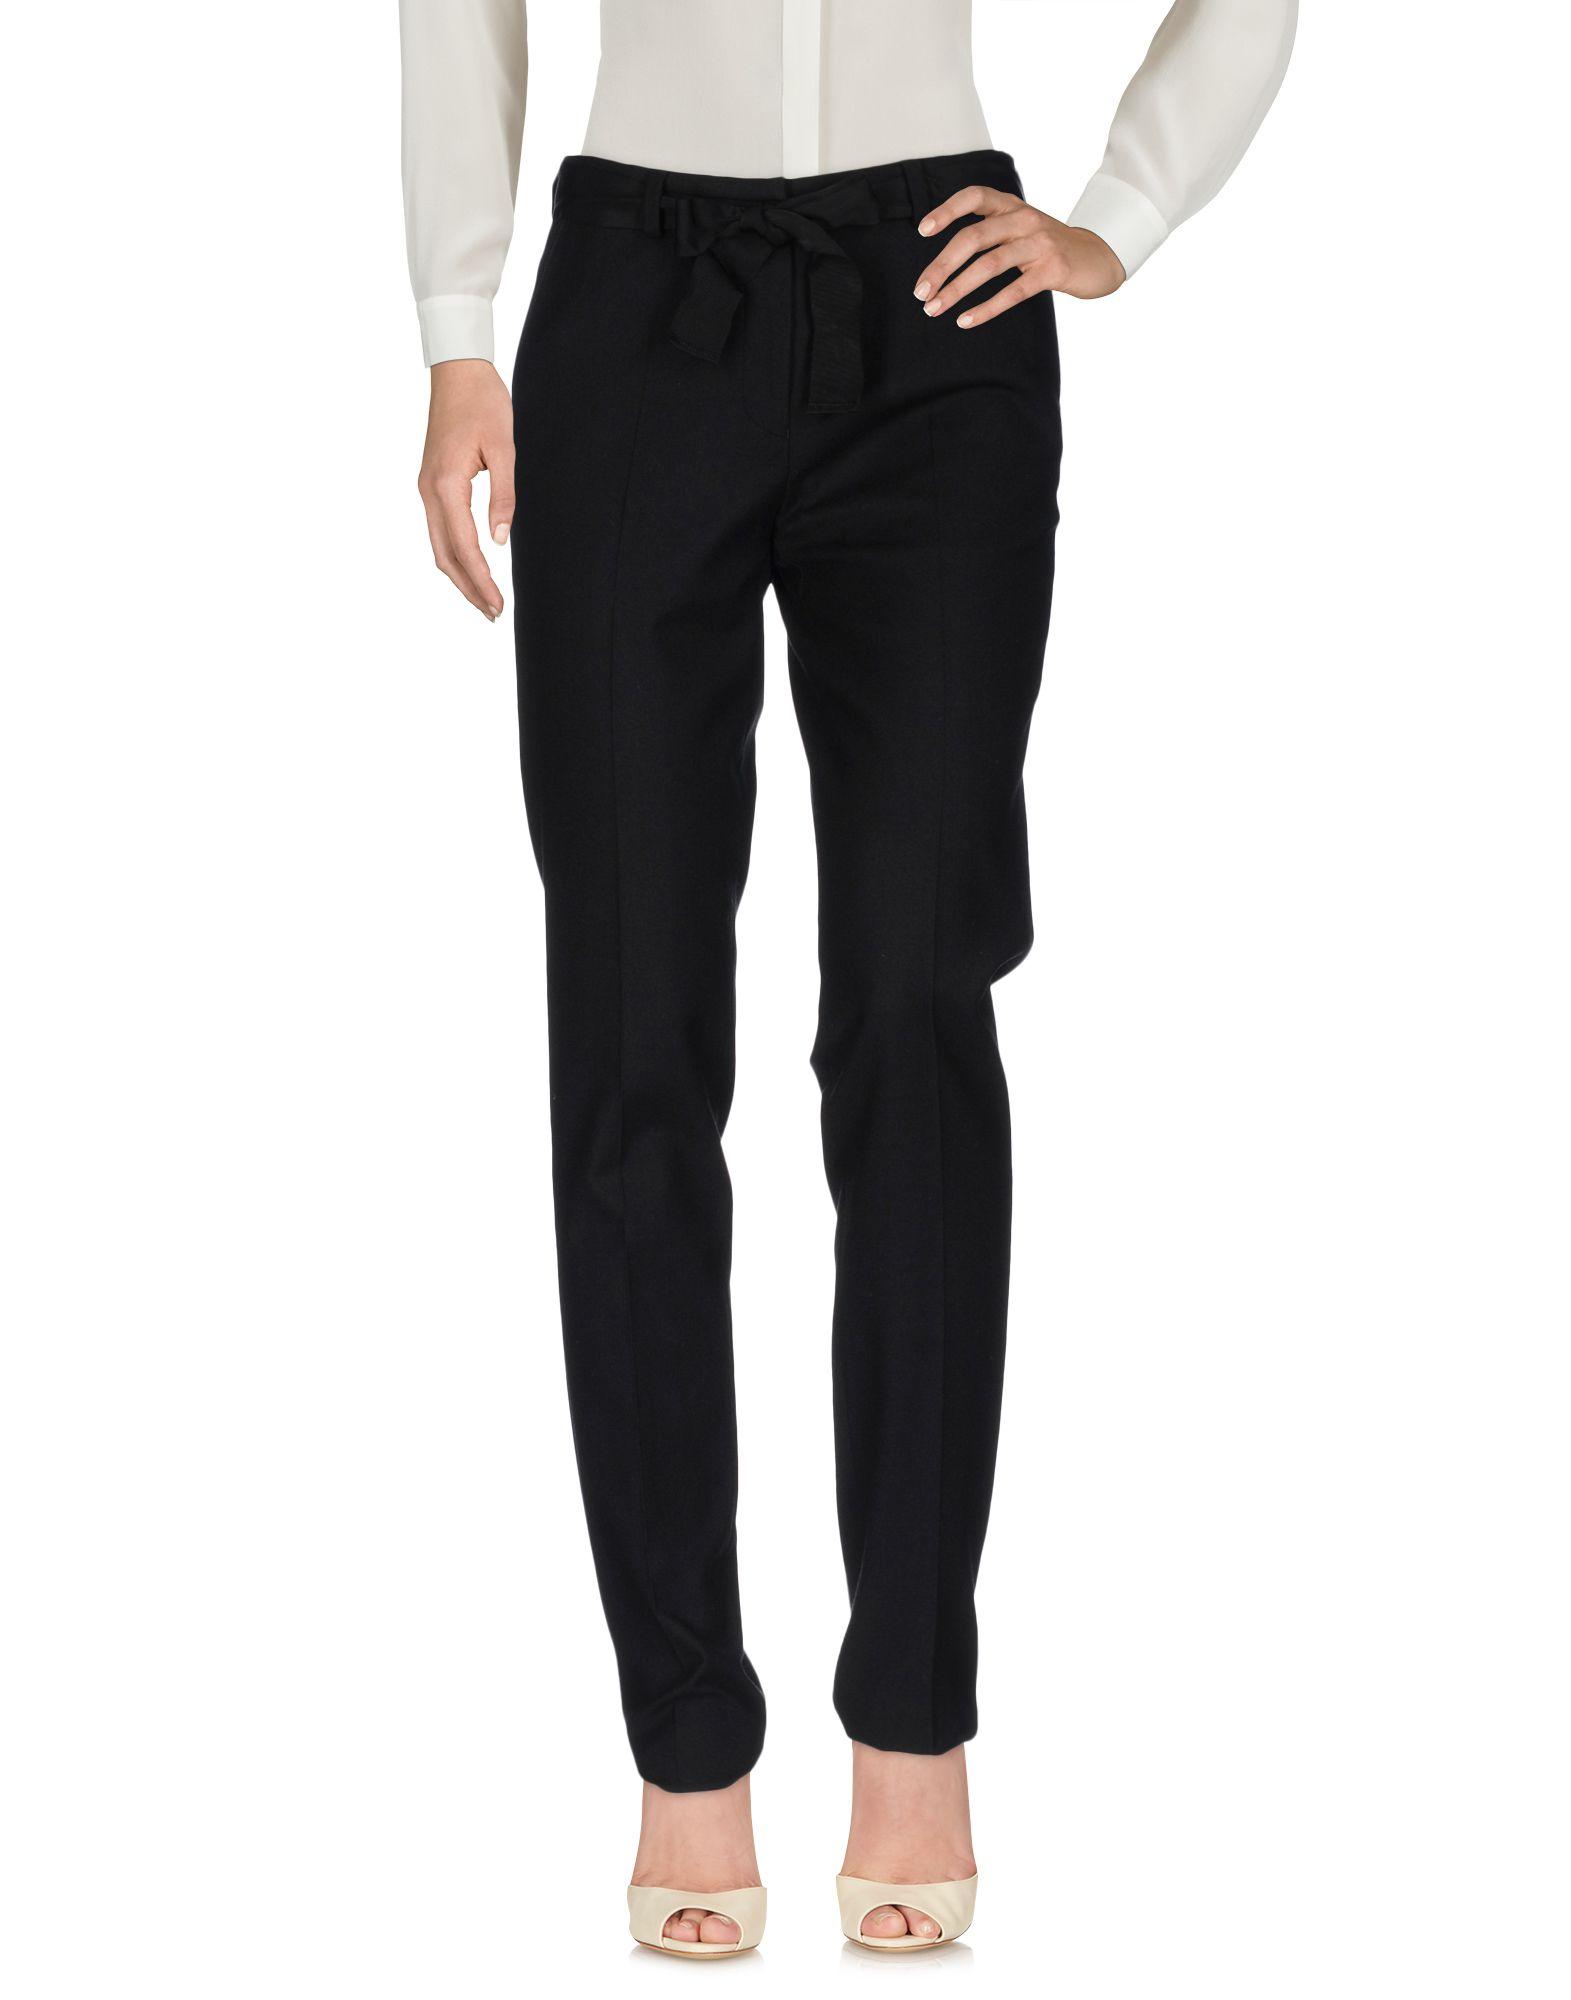 Pantalone Lanvin Donna - Acquista online su BY3USCd1D6